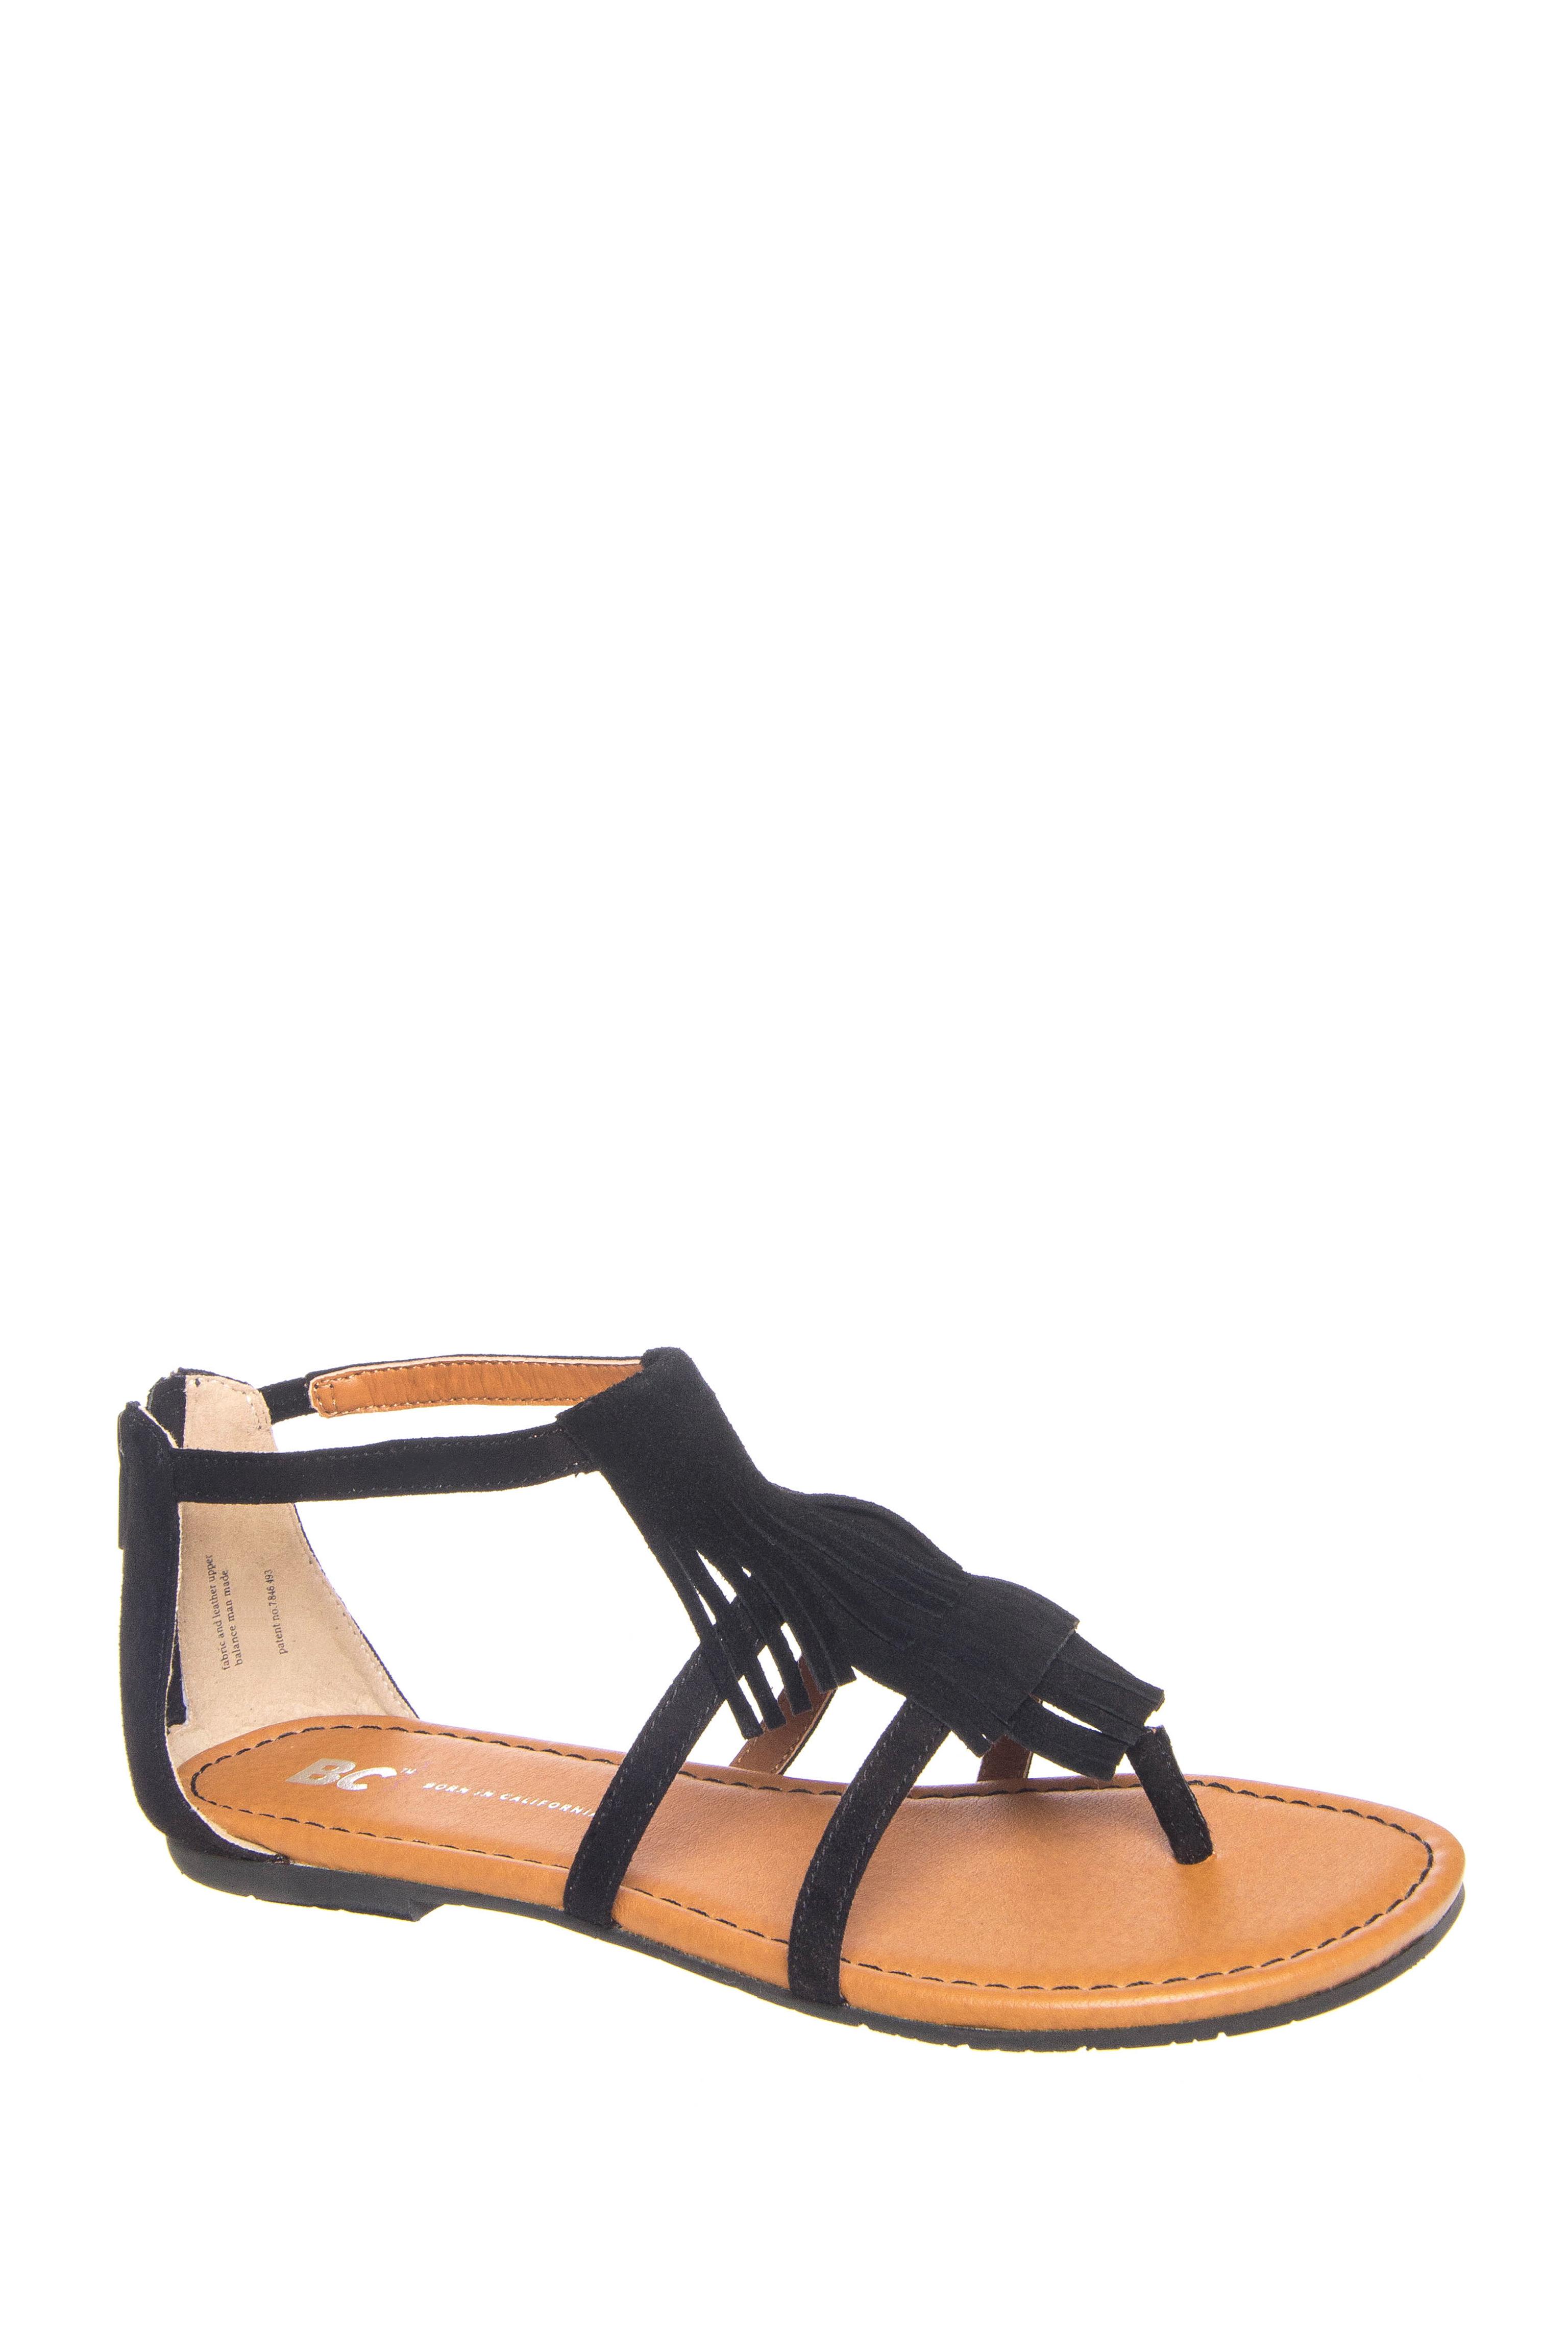 BC Footwear Maltese II Sandals - Black